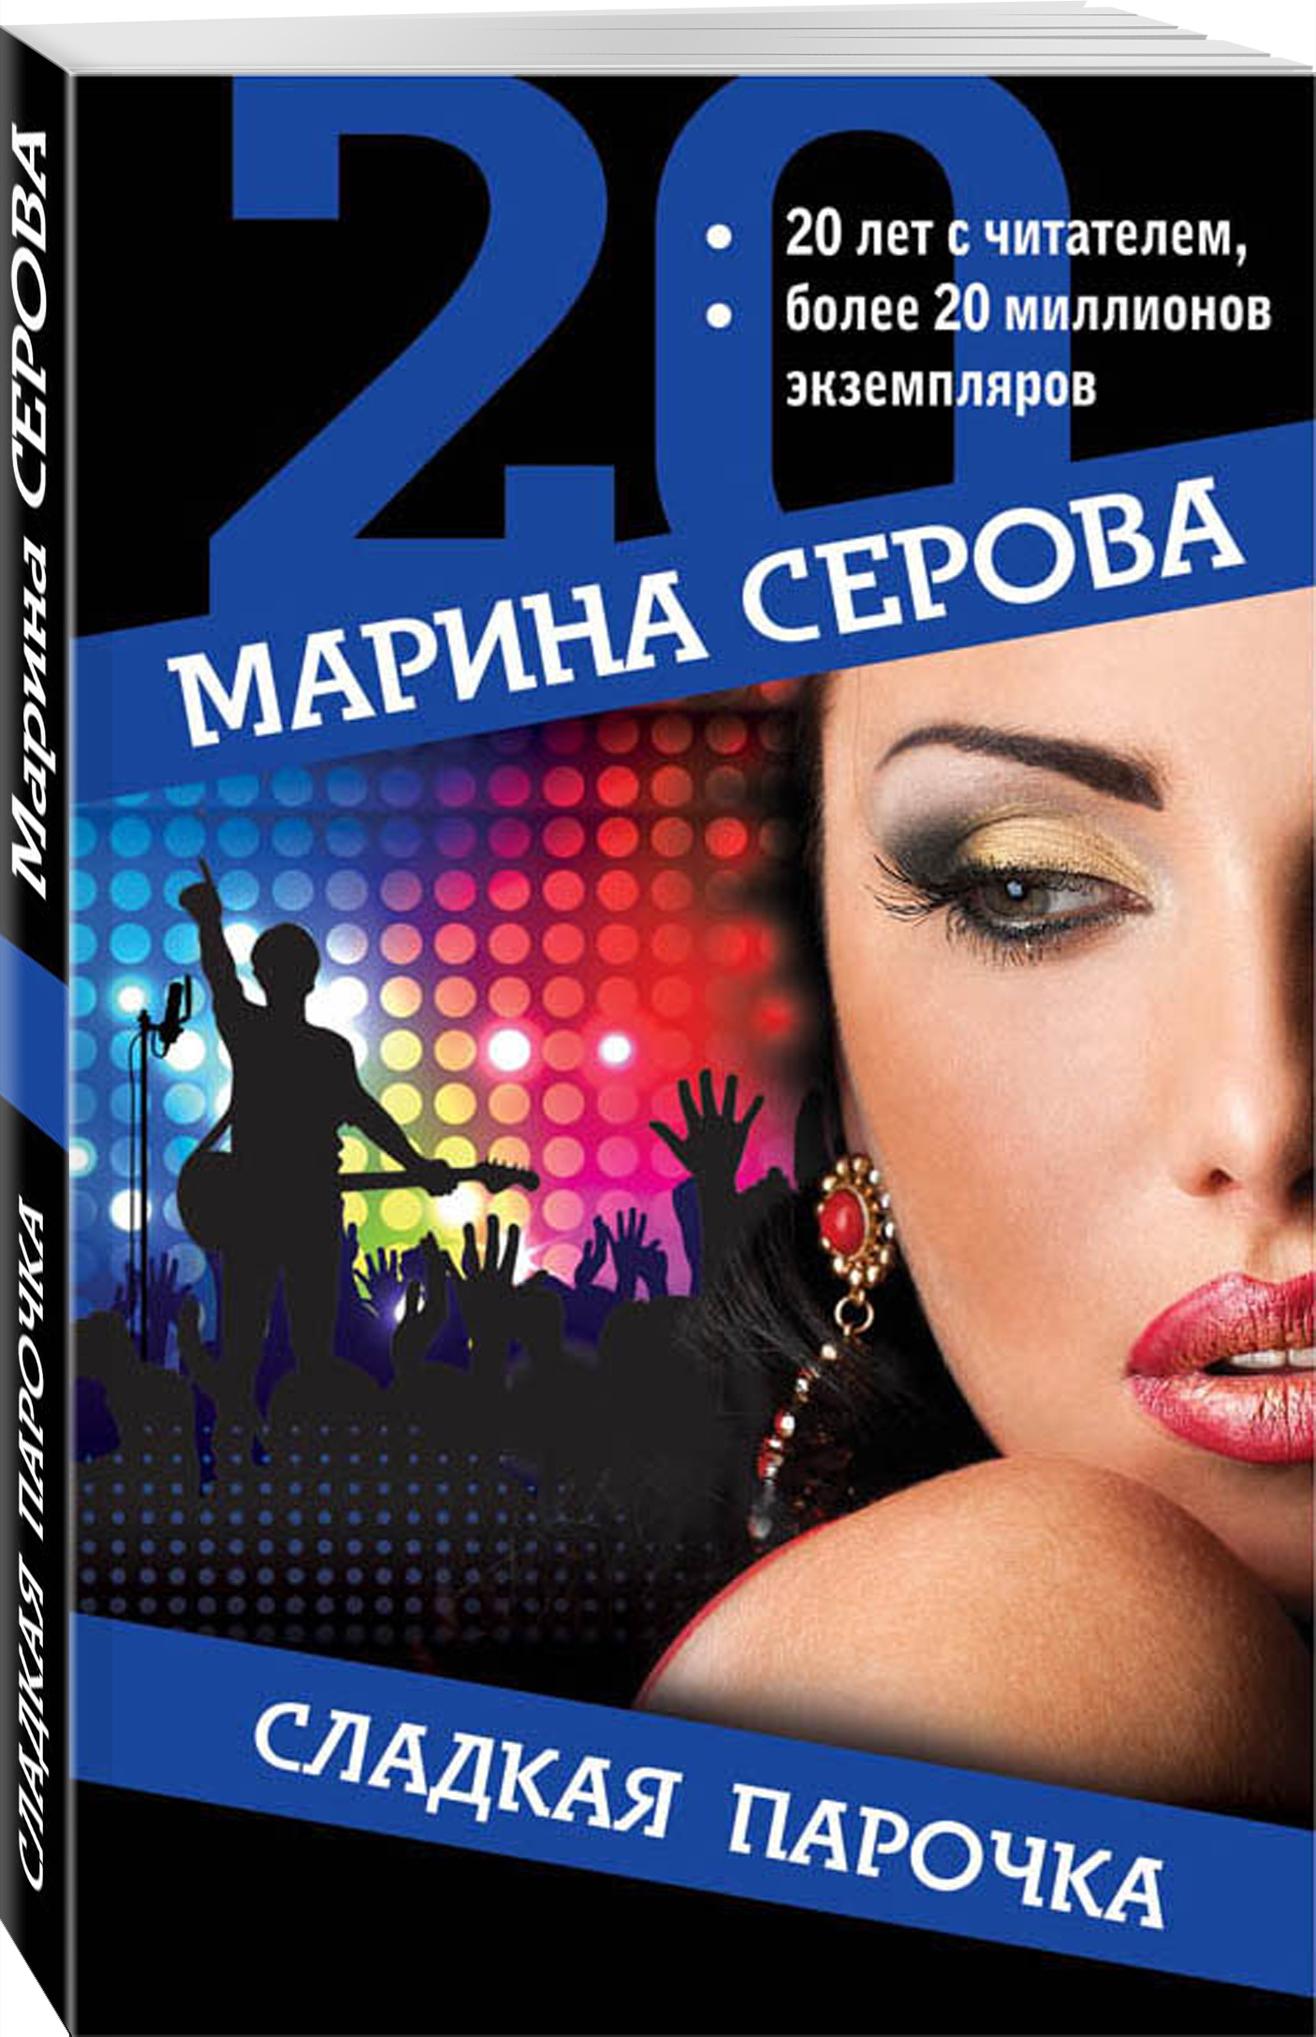 Марина Серова Сладкая парочка